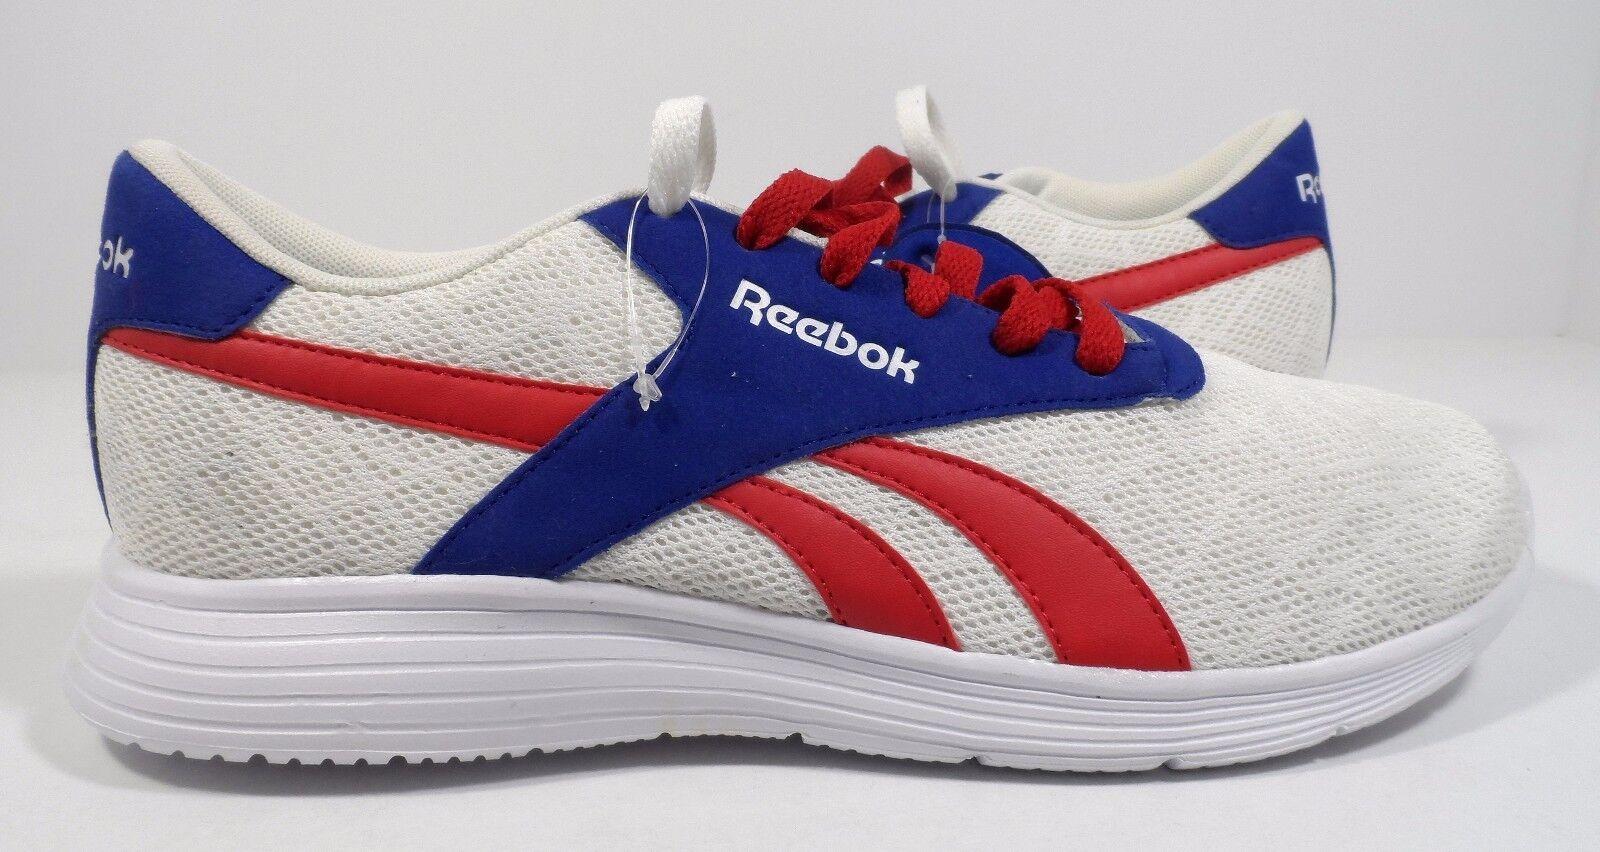 129086101f1 Reebok Men s Royal Ec Ride Ride Ride Fashion Sneaker White Blue Red Size 9  f0811f